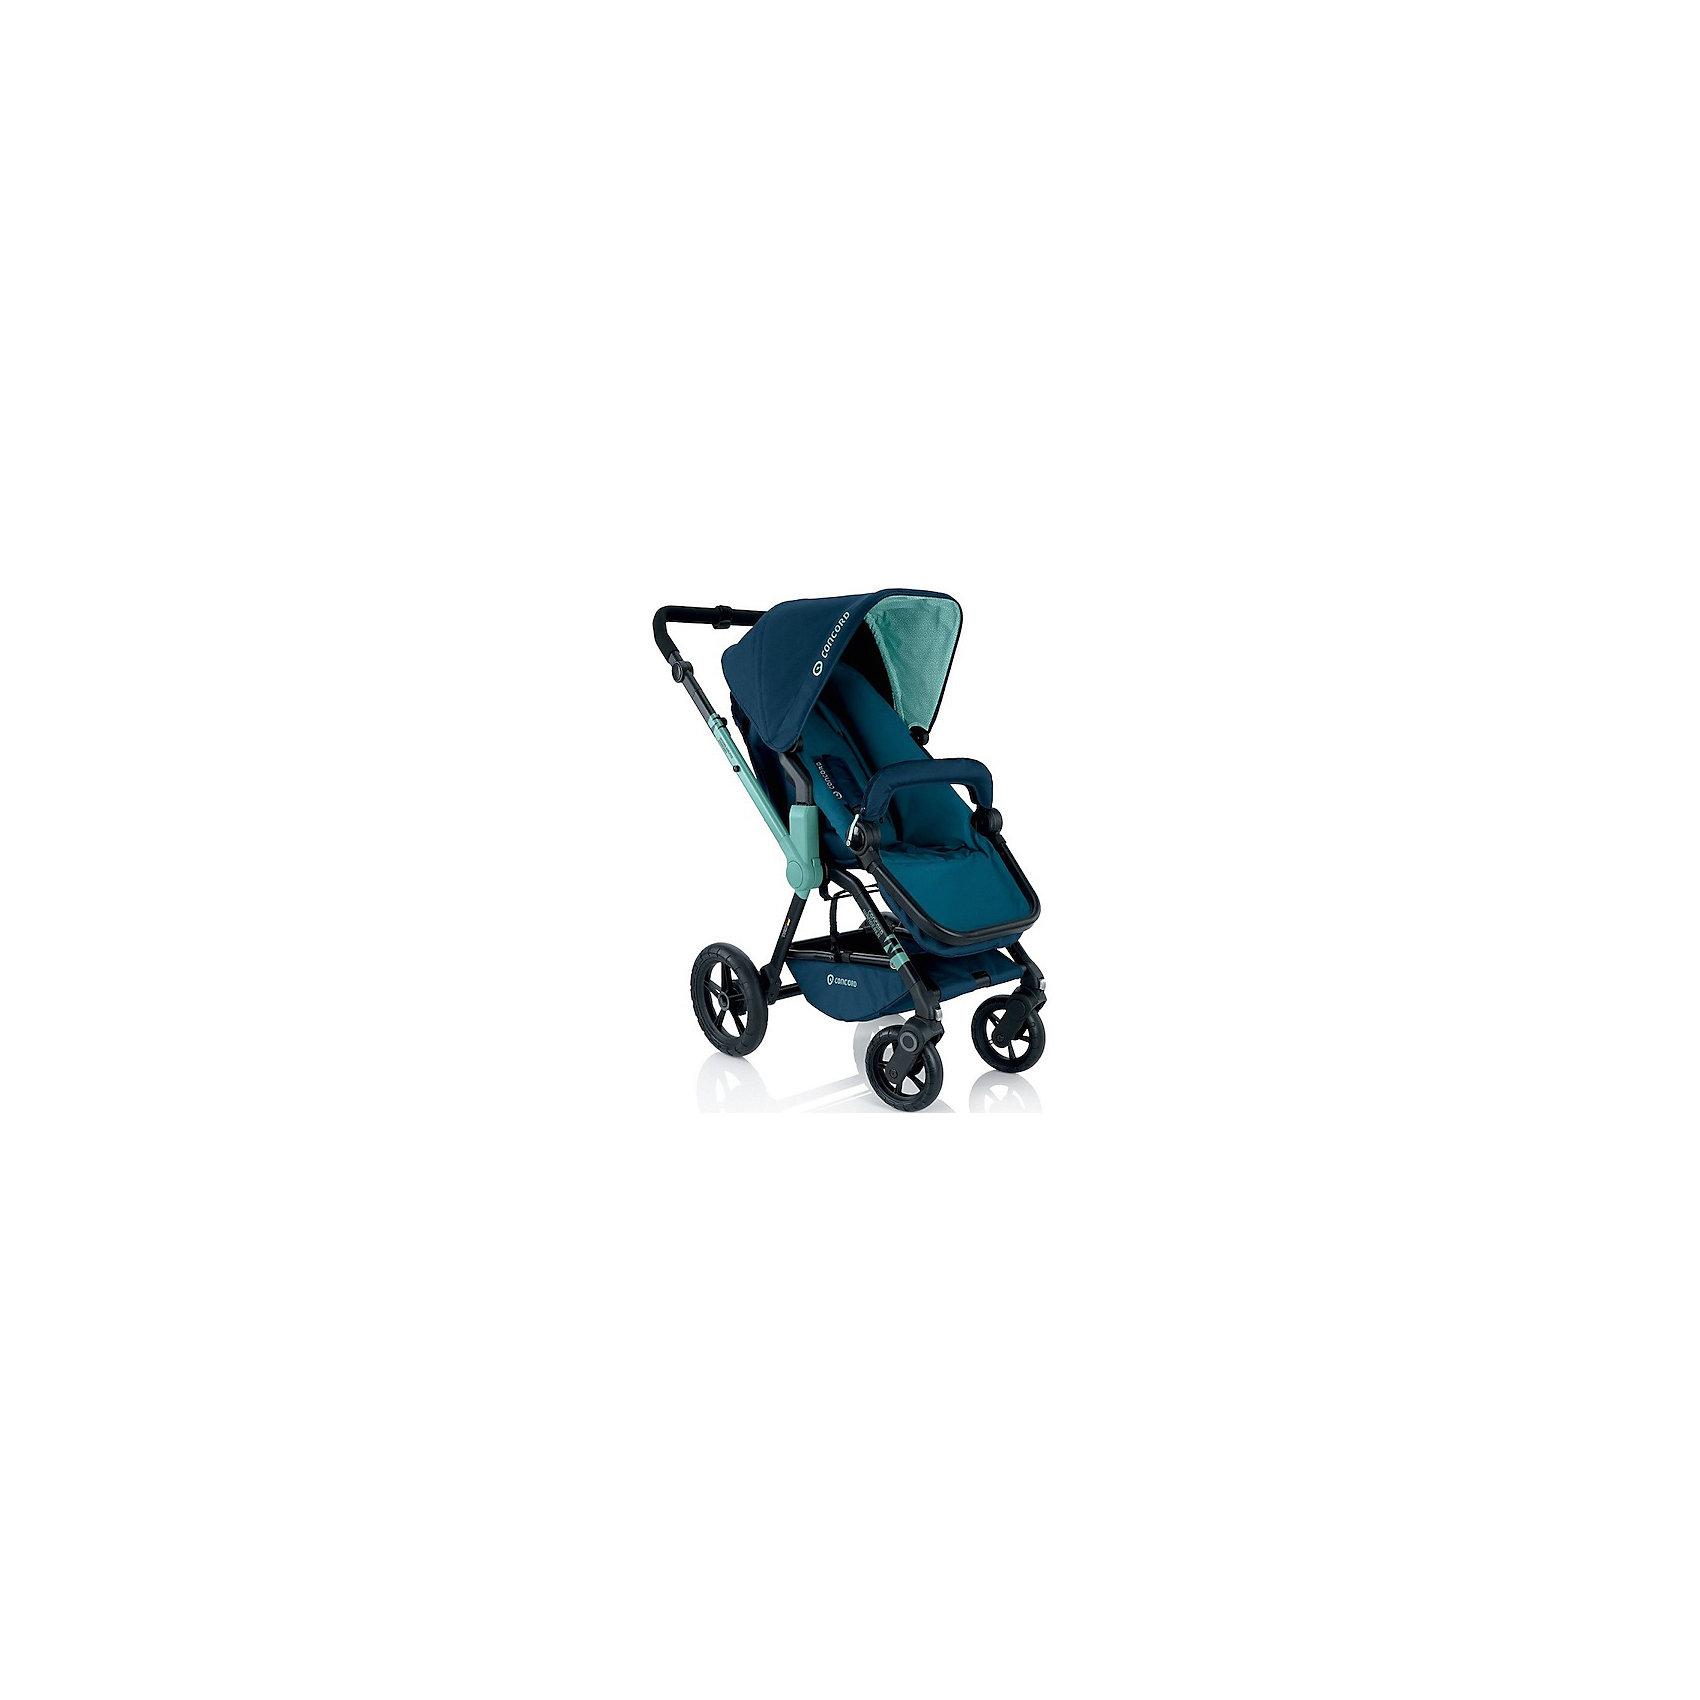 Прогулочная коляска Concord Wanderer, Aqua BlueПрогулочные коляски<br>Прогулочная коляска Wanderer, Concord, Aqua Blue<br><br>Характеристики коляски Concord Wanderer:<br><br>• возраст ребенка: от 6 месяцев до 3-х лет;<br>• вес ребенка: до 15 кг;<br>• количество положений спинки: 3, вплоть до горизонтального;<br>• наличие 5-ти точечных ремней безопасности с мягкими накладками;<br>• регулируемая подножка;<br>• реверсивный блок (возможность установить прогулочный блок как лицом к маме, так и лицом к окружающему миру);<br>• высота ручки коляски регулируется, тип ручки – цельная;<br>• перекидная ручка коляски;<br>• бампер съемный;<br>• чехлы съемные, допускается стирка при температуре 30 градусов;<br>• наличие амортизаторов делают ход коляски мягким и плавным;<br>• положение капюшона регулируется в 4-х положениях, предусмотрена УФ-защита 50+;<br>• колеса с подшипниками, передние поворотные с функцией блокировки, задние колеса большего диаметра;<br>• тип тормоза: ножной;<br>• тип складывания: книжка.<br><br>Прогулочная коляска Concord Wanderer имеет просторное прогулочное сиденье со спинкой, опускающейся до горизонтального положения, глубокий капюшон, съемный бампер. Прогулочный блок можно установить в 2-х положениях. Цельная ручка коляски регулируется по высоте. Колеса вращаются на 360 градусов, задние зафиксированы. <br><br>На шасси Concord можно установить люльку для новорожденного Concord Sleeper и детское автокресло Concord Air. <br><br>Обратите внимание: данные аксессуары приобретаются отдельно.<br><br>Размеры коляски Конкорд:<br><br>• ширина сиденья: 33 см;<br>• высота спинки: 45 см;<br>• длина спального места: 75 см;<br>• высота ручки: 73-102 см;<br>• размер коляски в разложенном виде: 104x60x102 см.<br>• размер в сложенном виде: 69x50x39 см.<br>• вес: 13,5 кг.<br><br>Комплектация: <br><br>• прогулочный блок с капюшоном и бампером;<br>• шасси с колесами;<br>• накидка на ножки;<br>• дождевик;<br>• инструкция. <br><br>Прогулочную коляску Wanderer, Concord, Aqua Blue